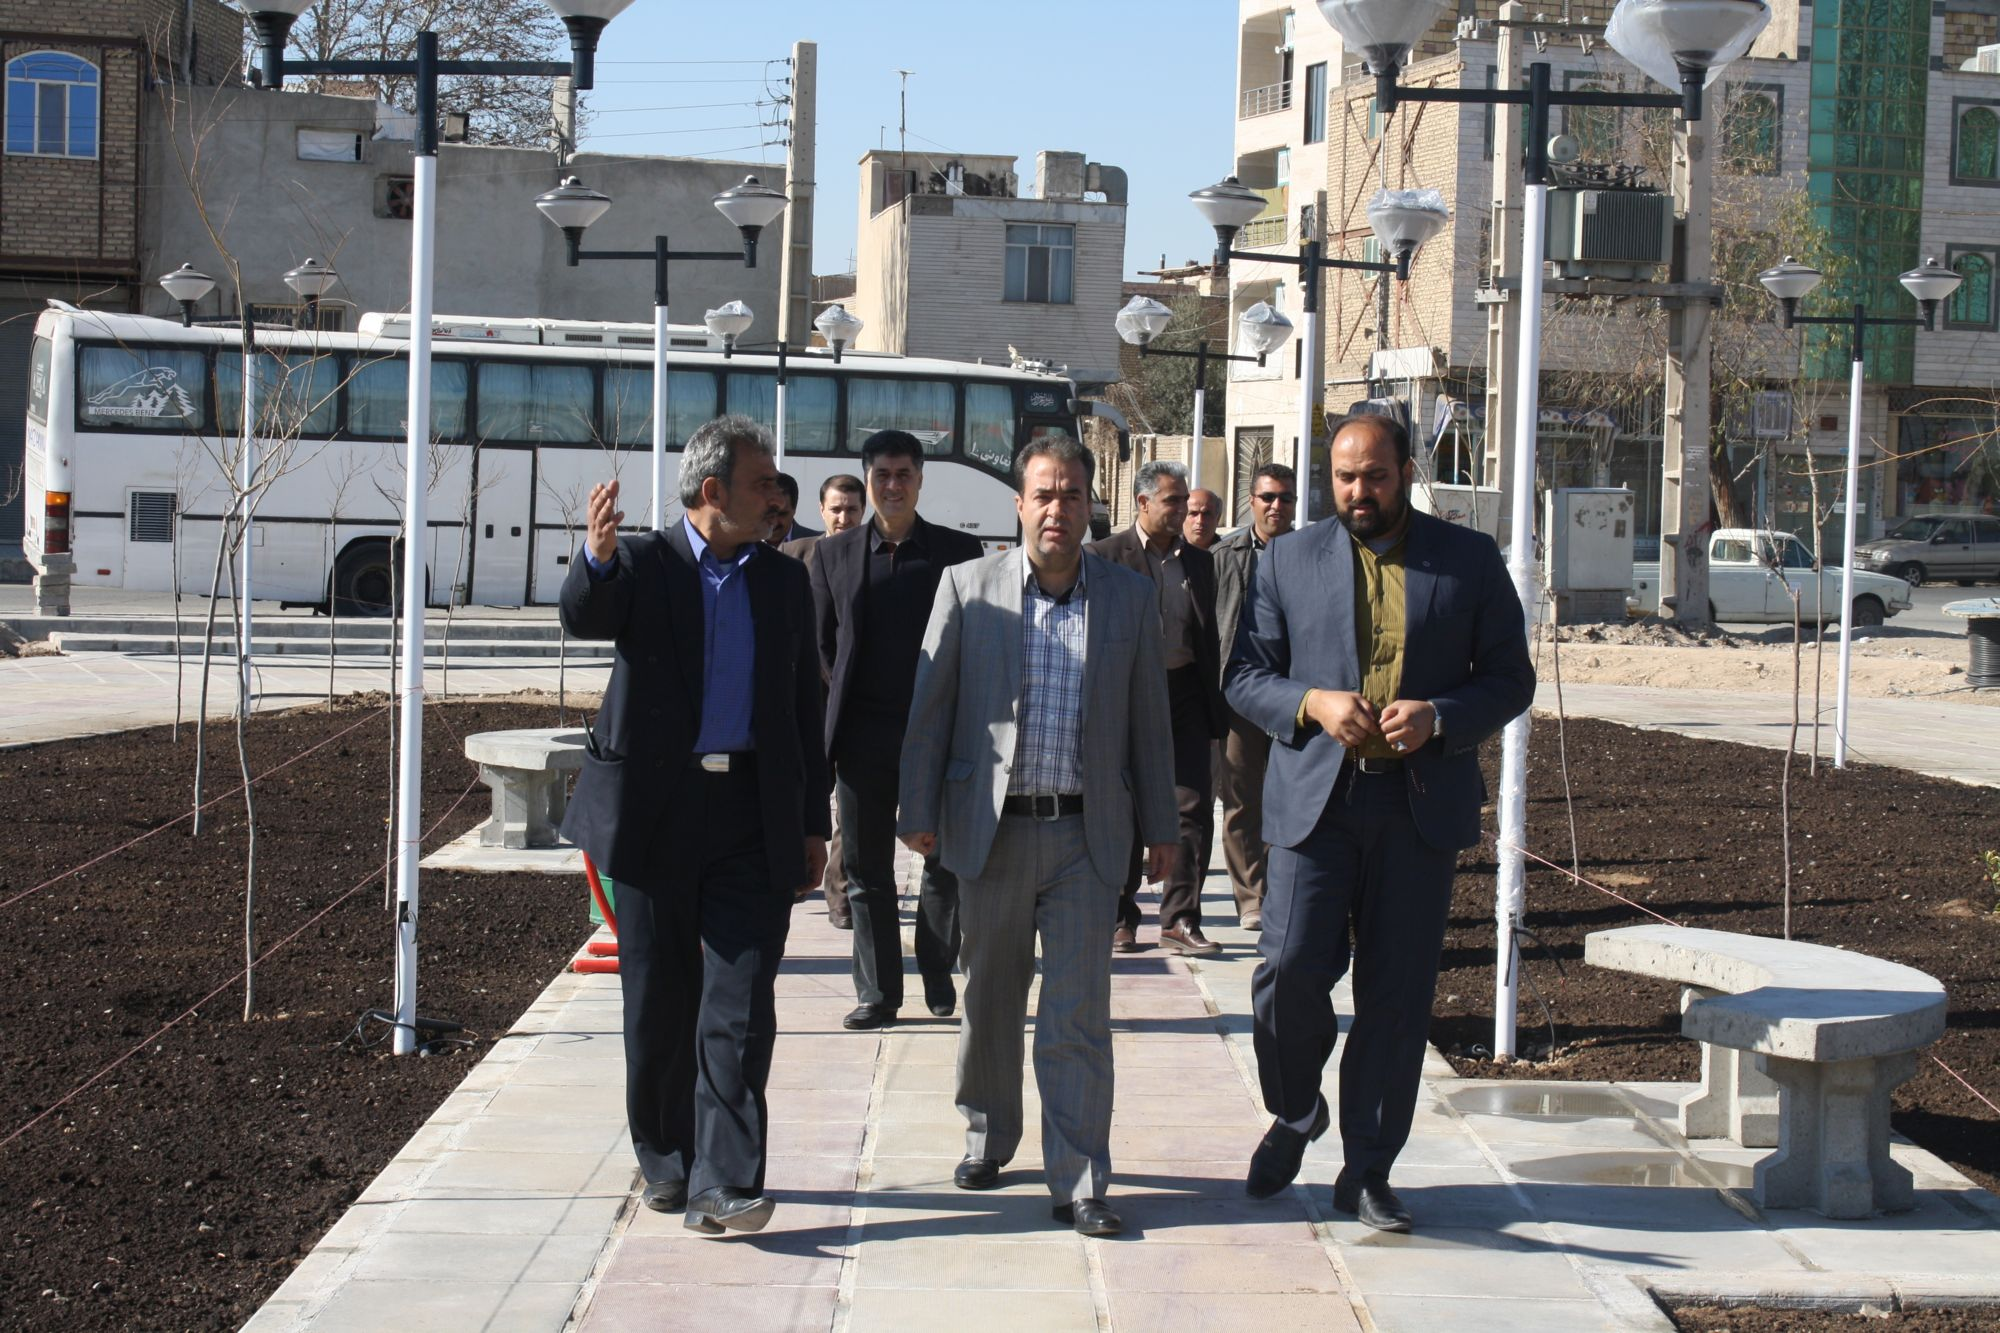 بازدید سرزده شهردار ورامین از پروژه های عمرانی در حال احداث